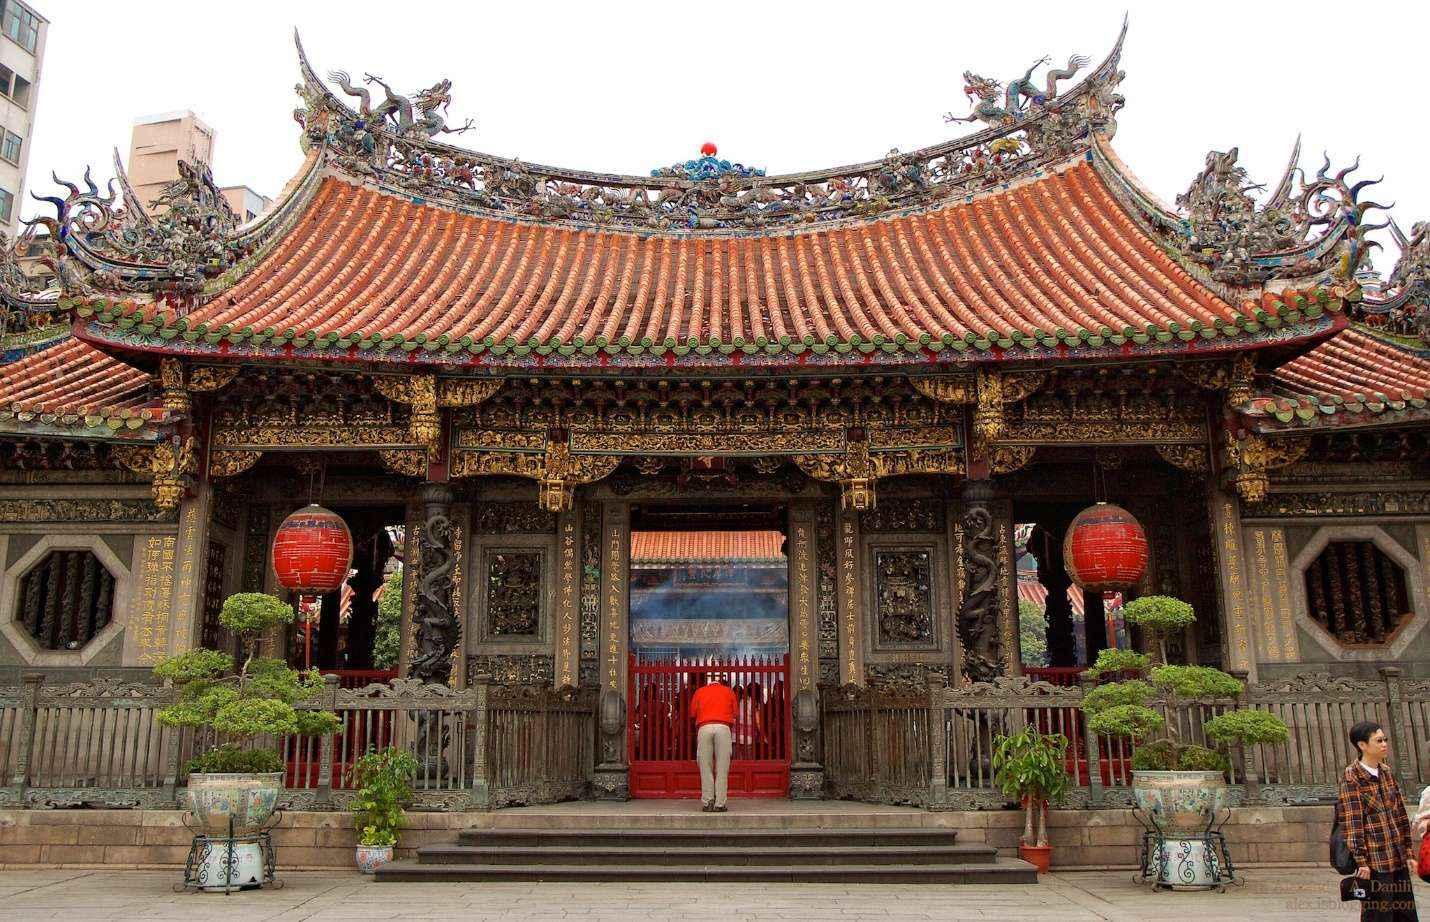 Những điểm dừng chân tuyệt vời dành cho du khách khi đến tham quan Đài Bắc